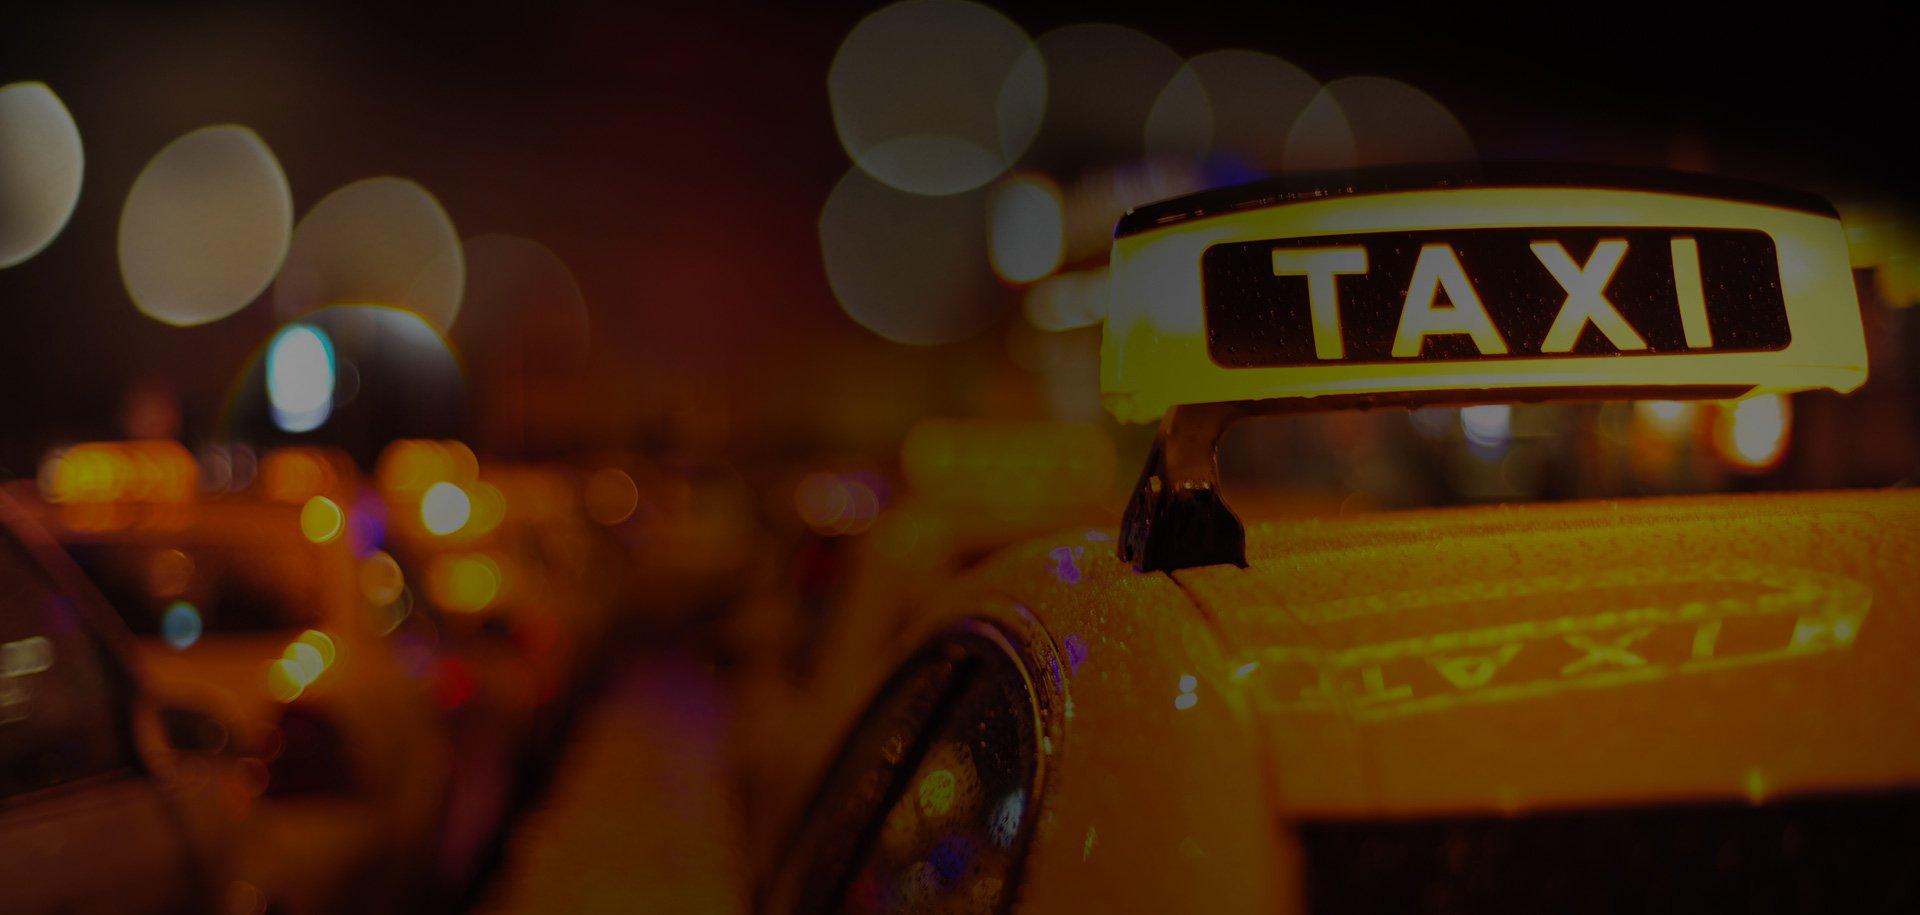 Yellow Checker Cab San Jose   Taxi Service Near Silicon Valley